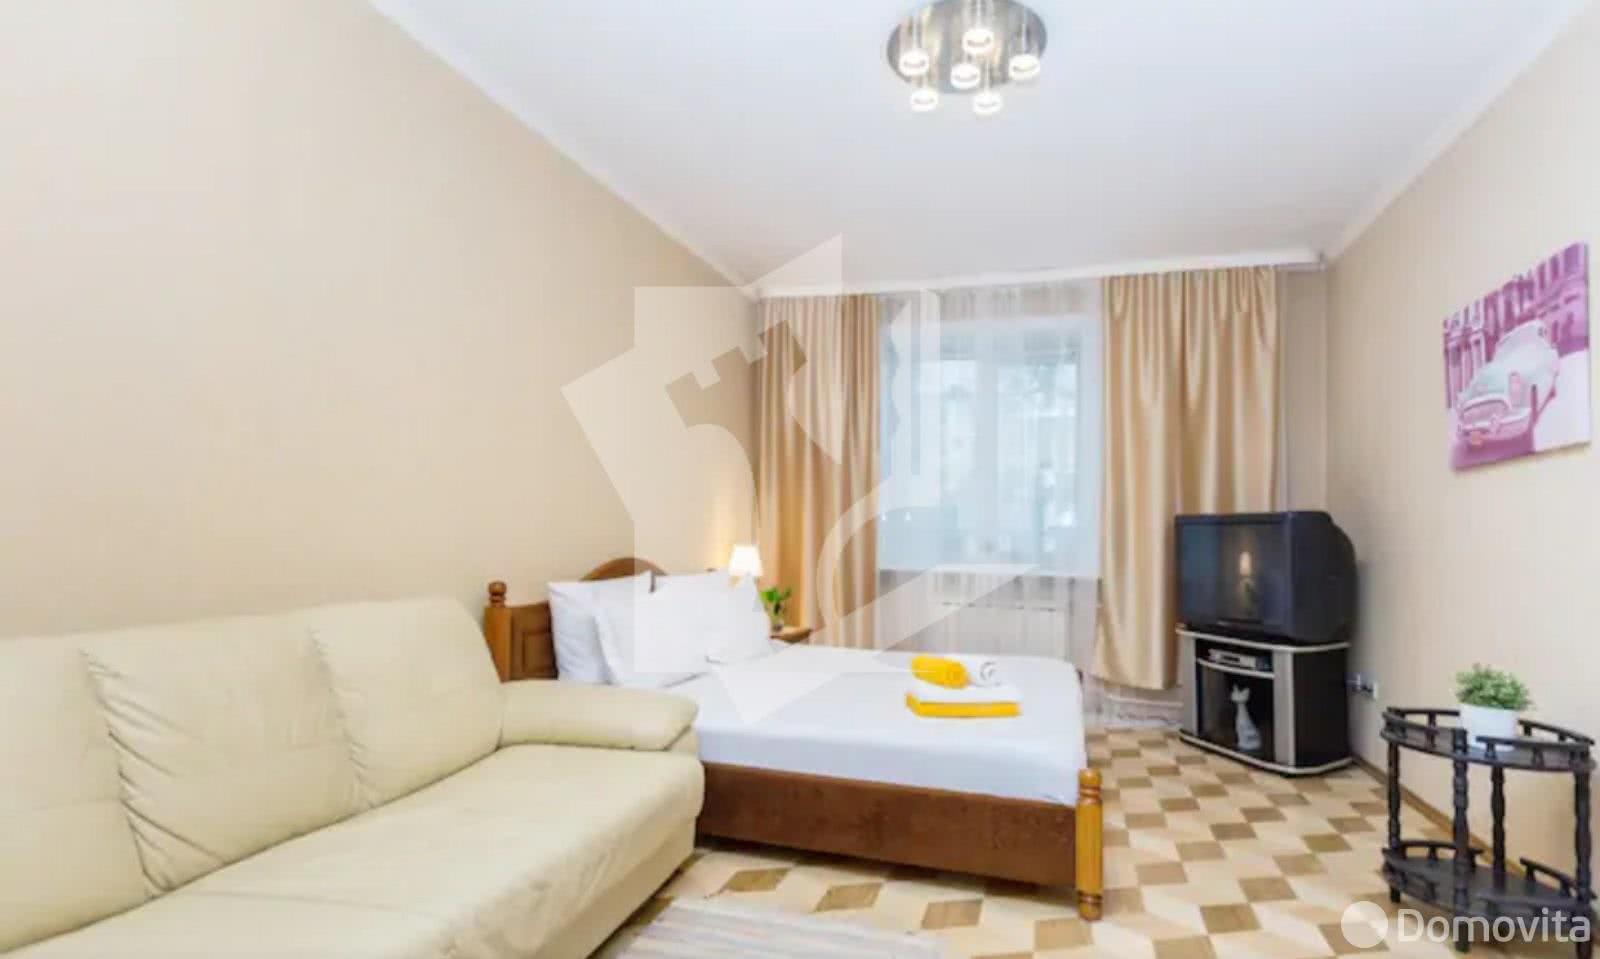 Аренда 1-комнатной квартиры в Минске, ул. Ленина, д. 3 - фото 1